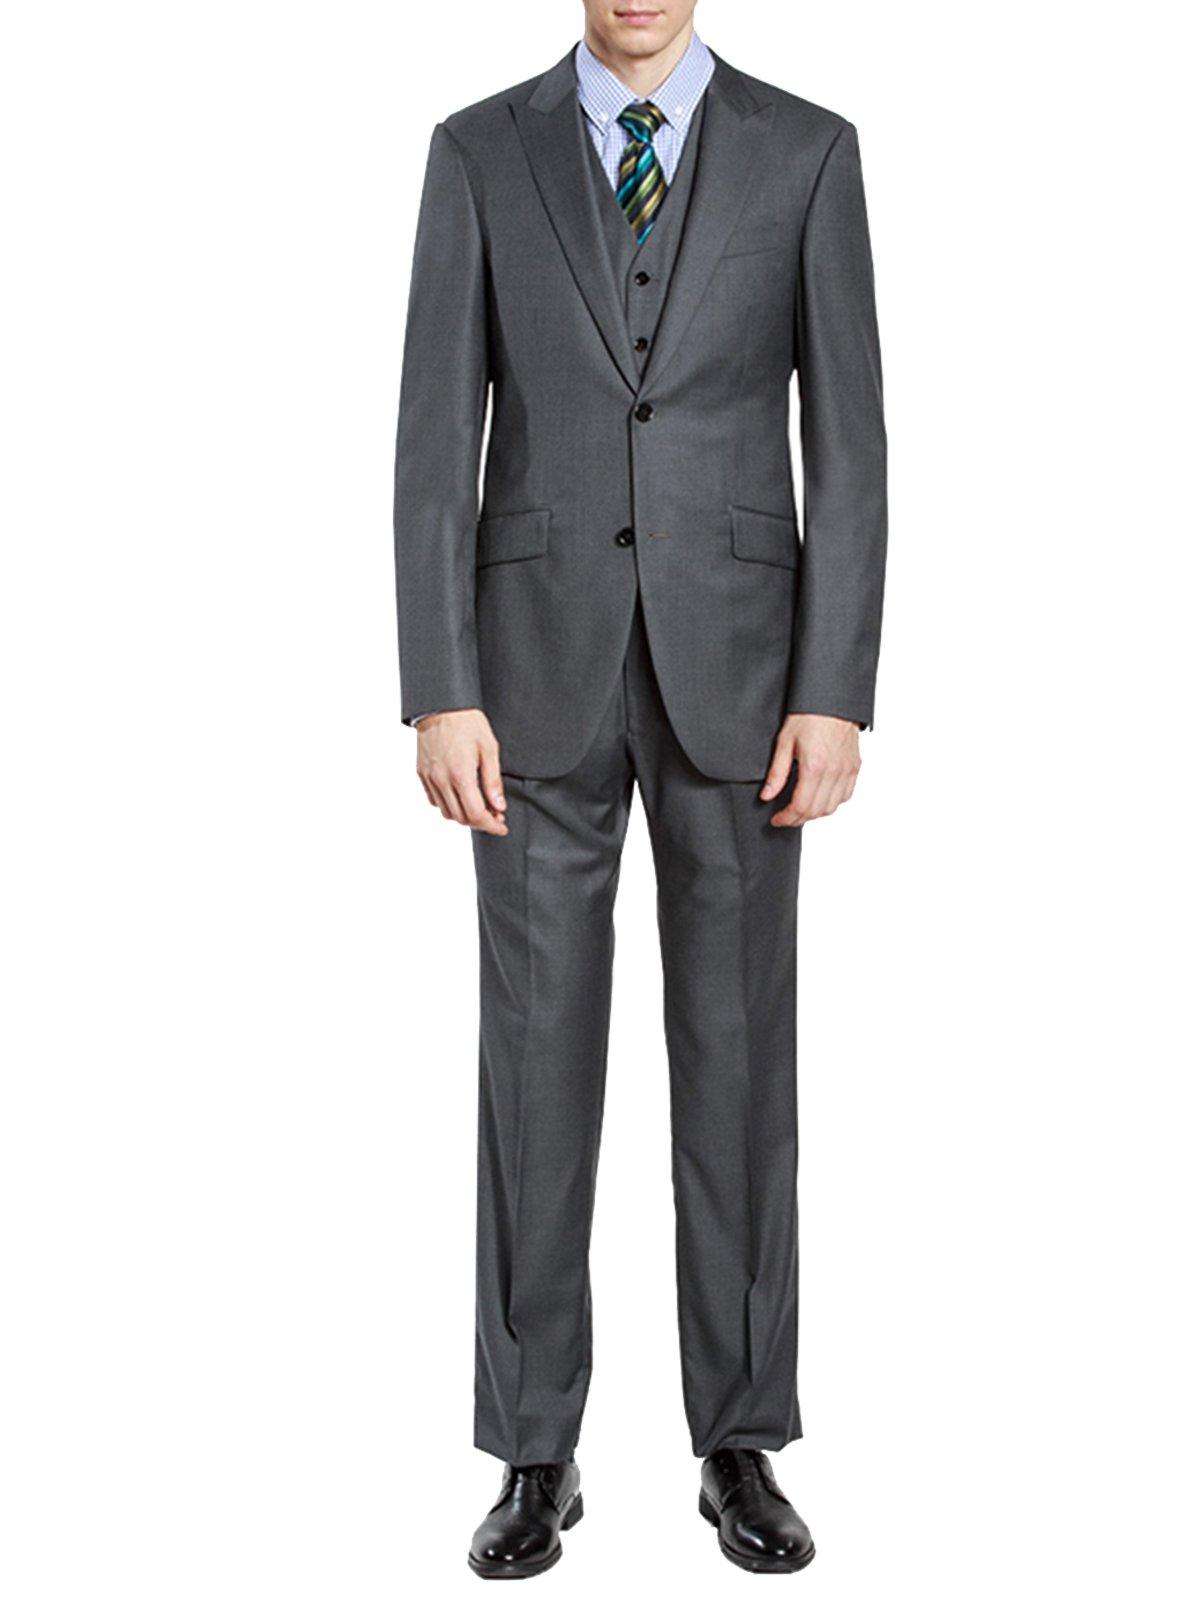 HBDesign Men's 3 piece 2 Button Peak Lapel Slim Trim Fit Dress Suite Grey 50R